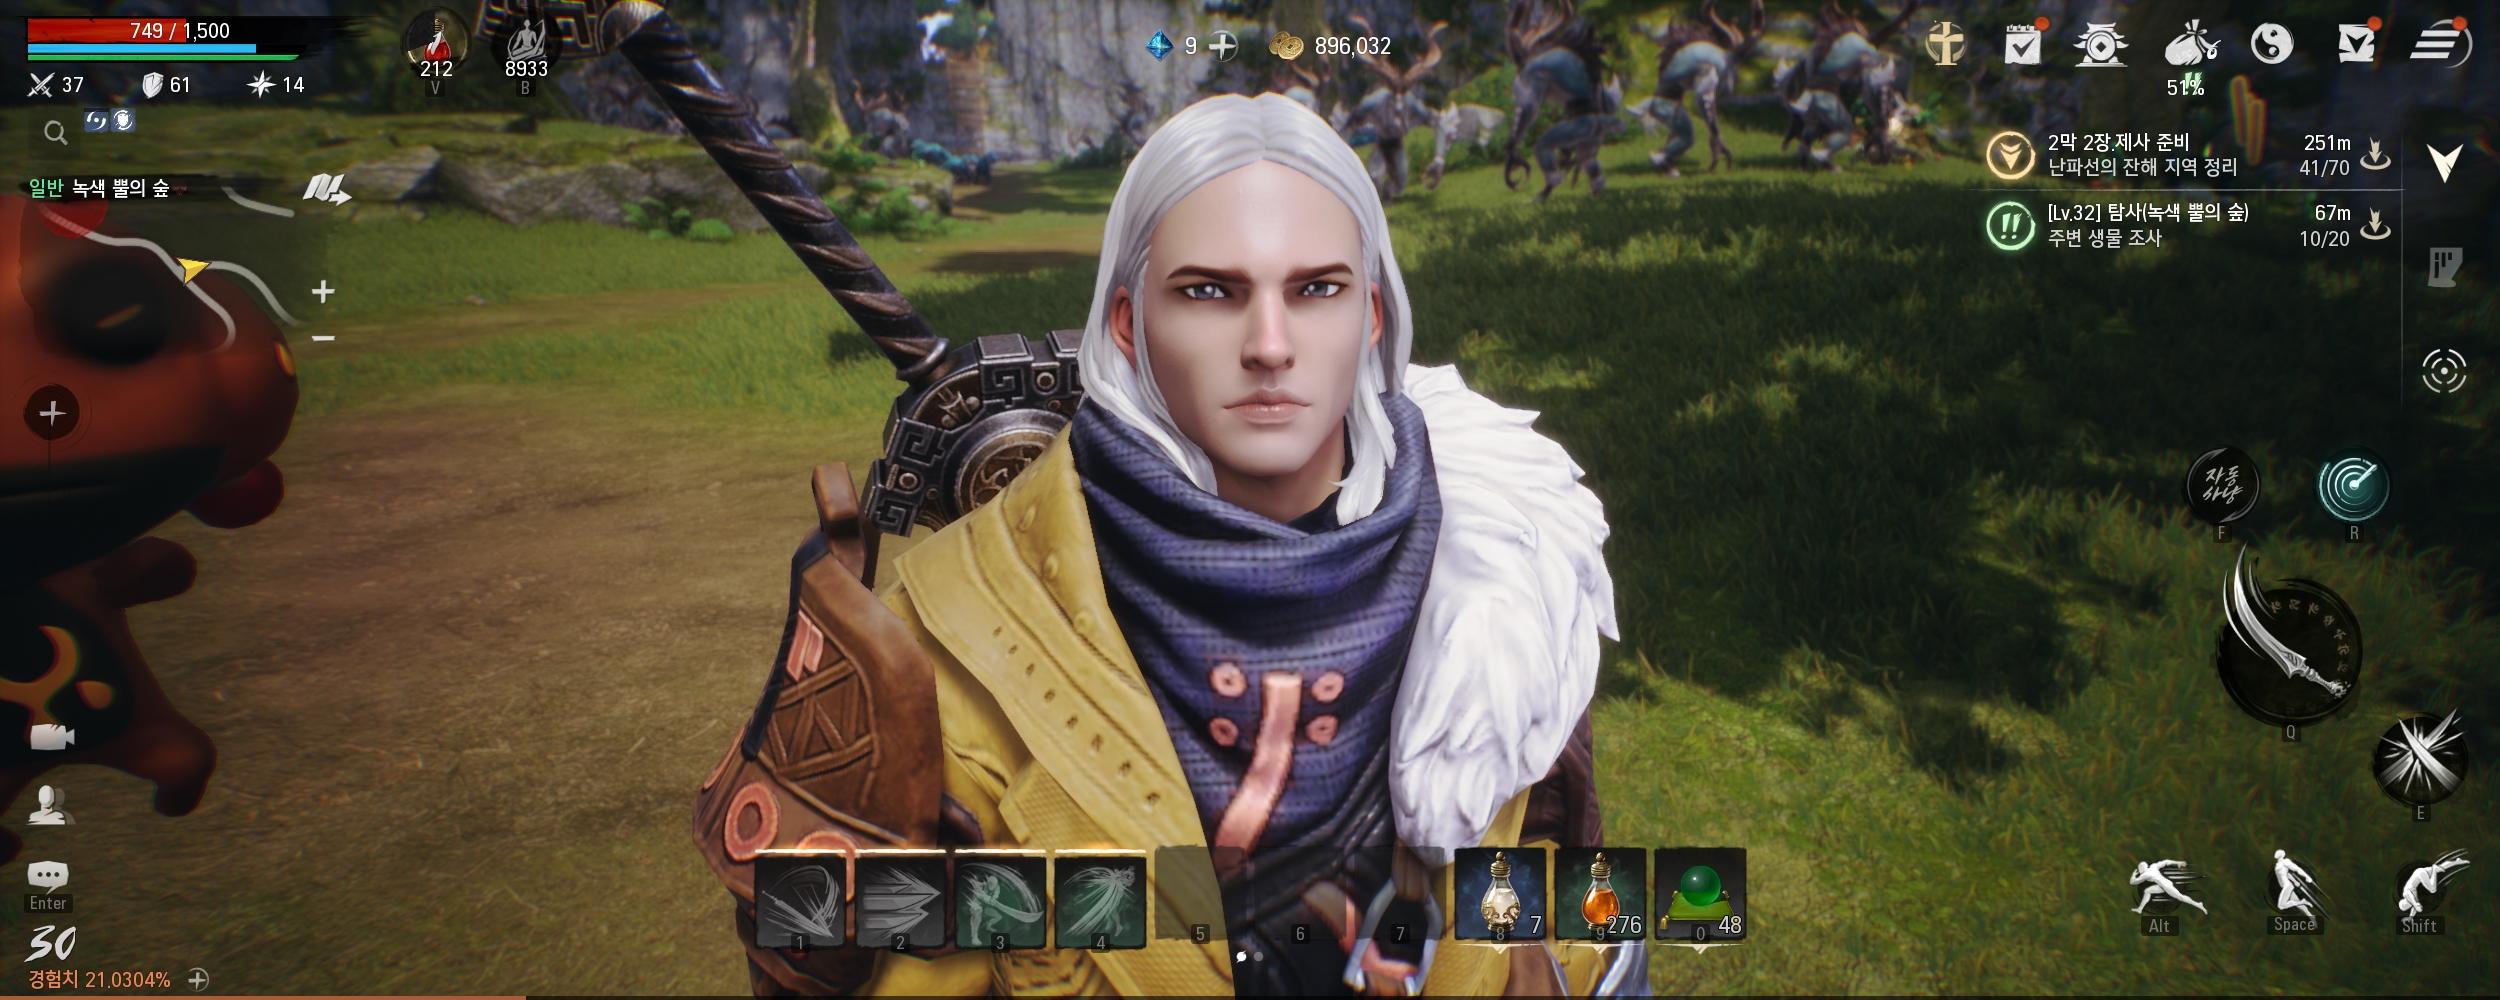 엔씨소프트 욕하면서 오딘을 칭송하는 이해 안 가는 게임 유튜버들